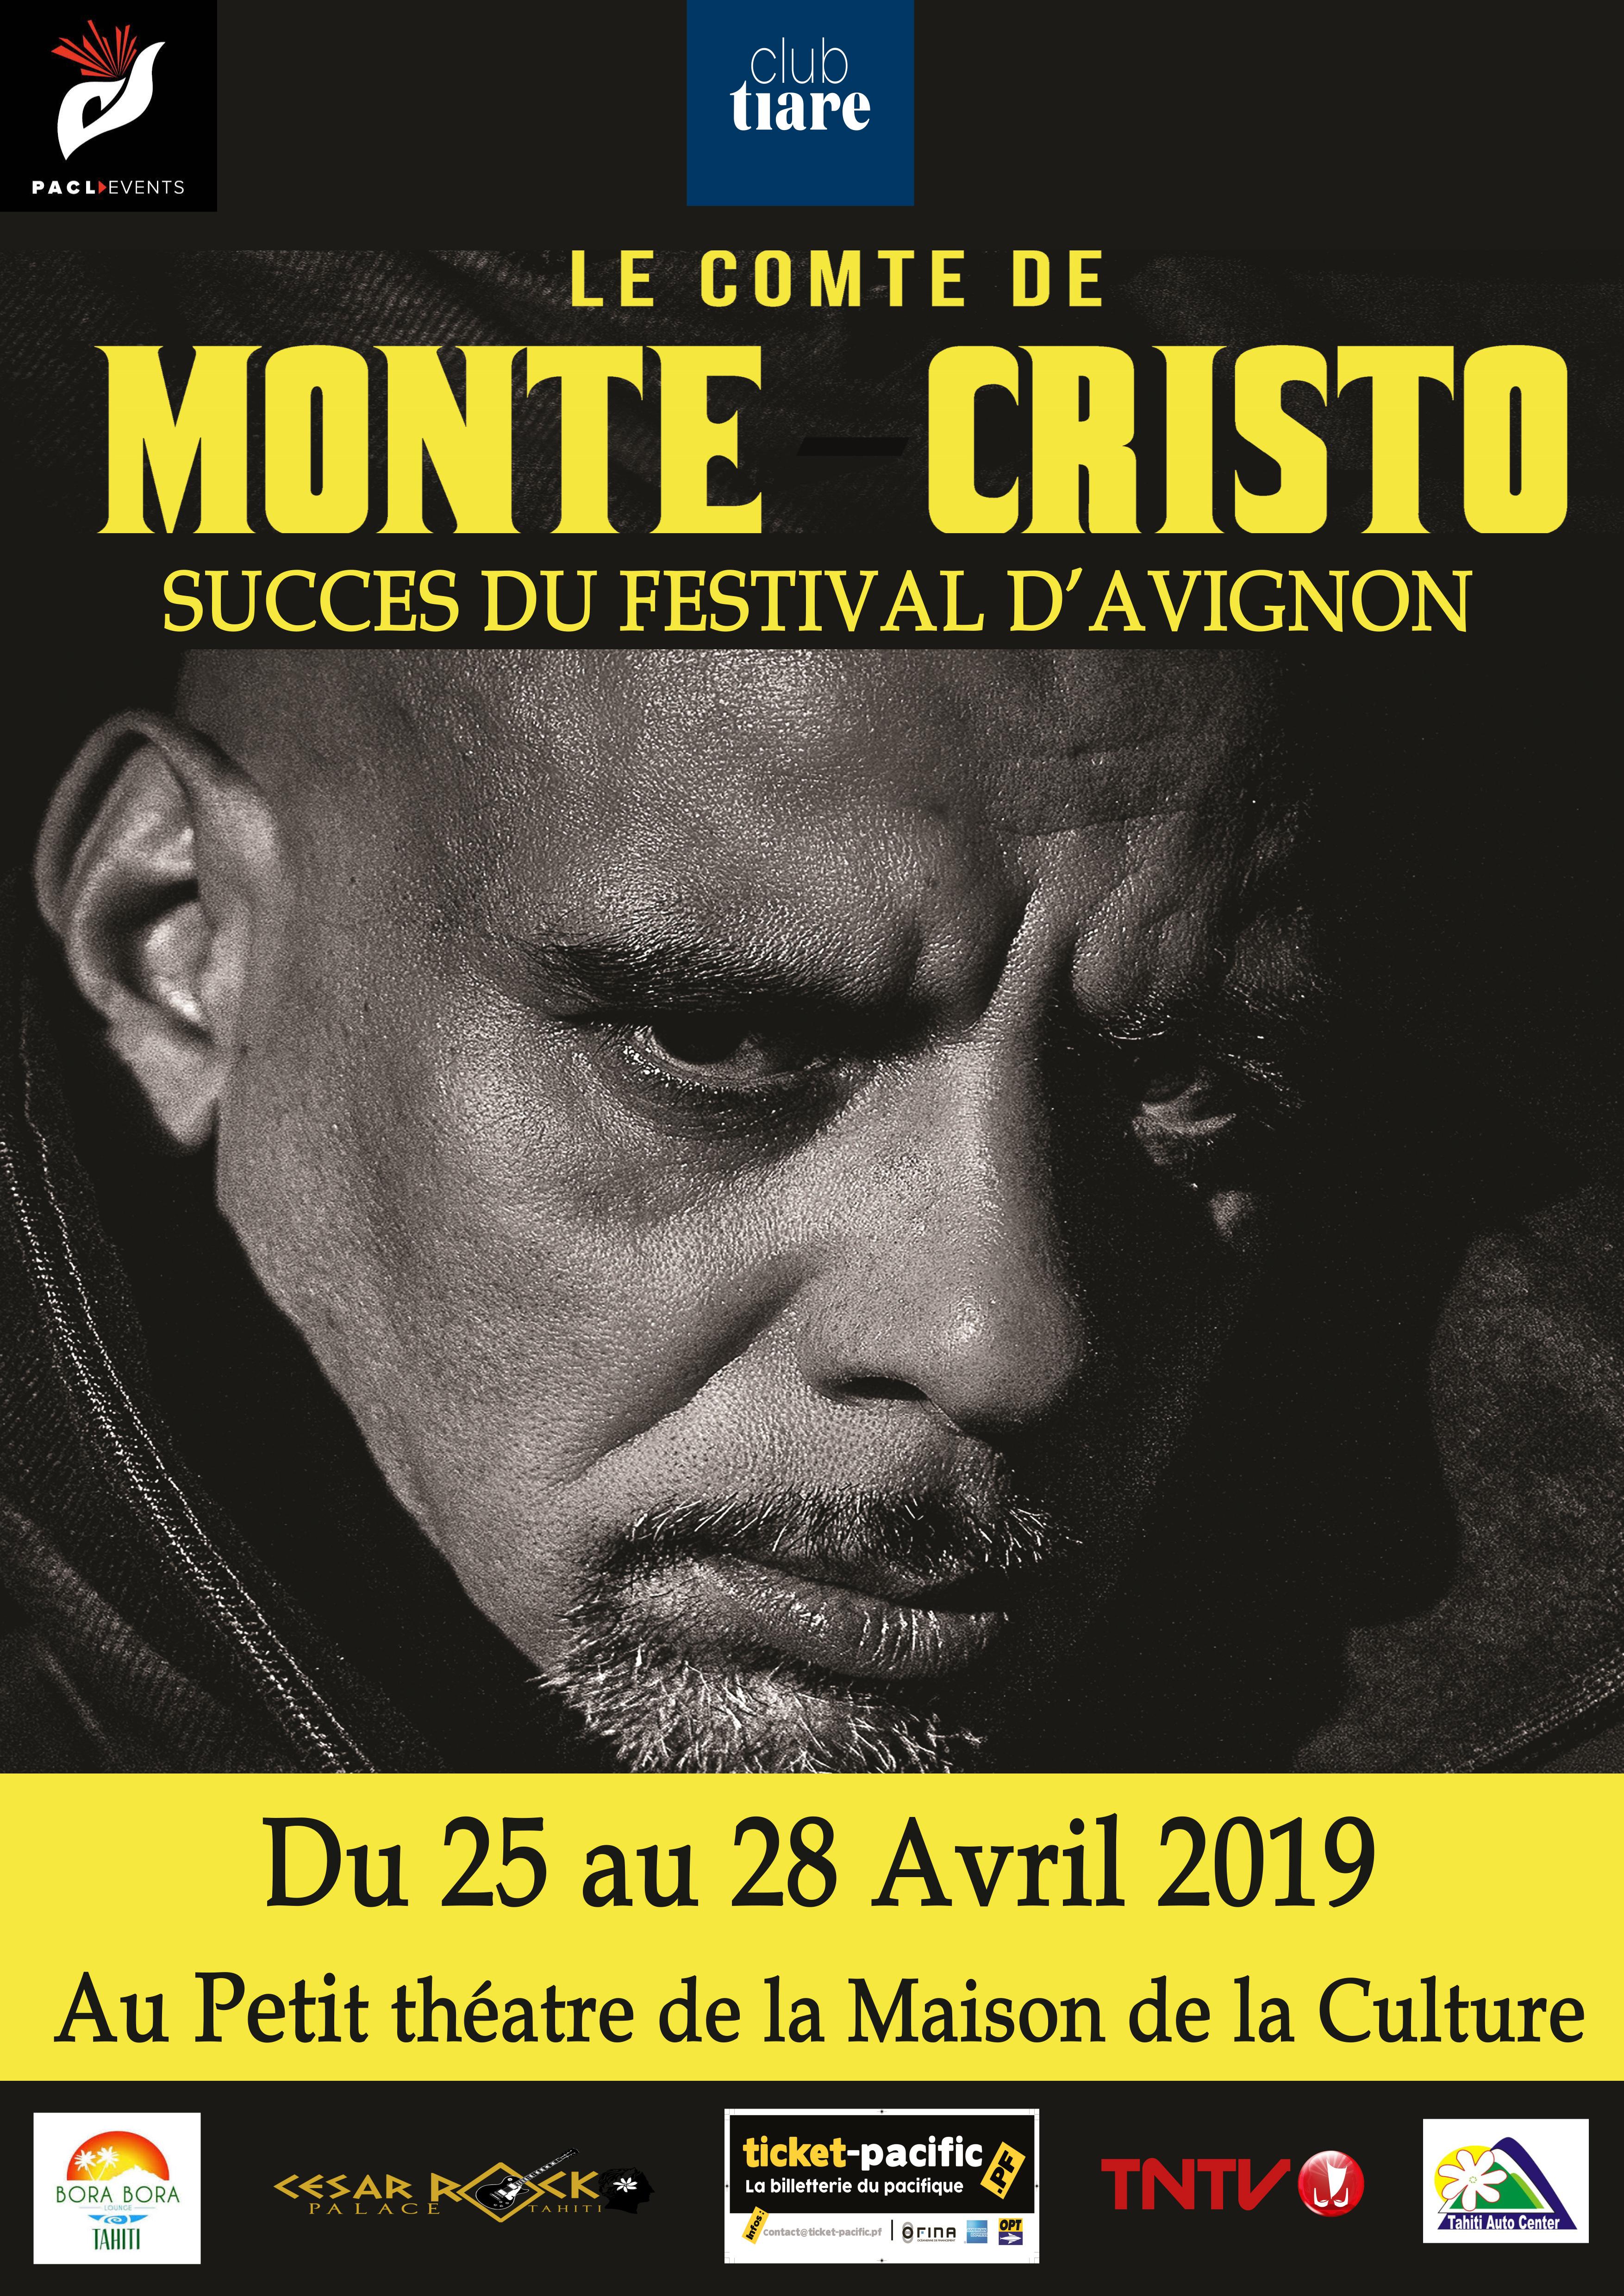 Le Comte de Monte-Cristo sur les planches du petit théâtre